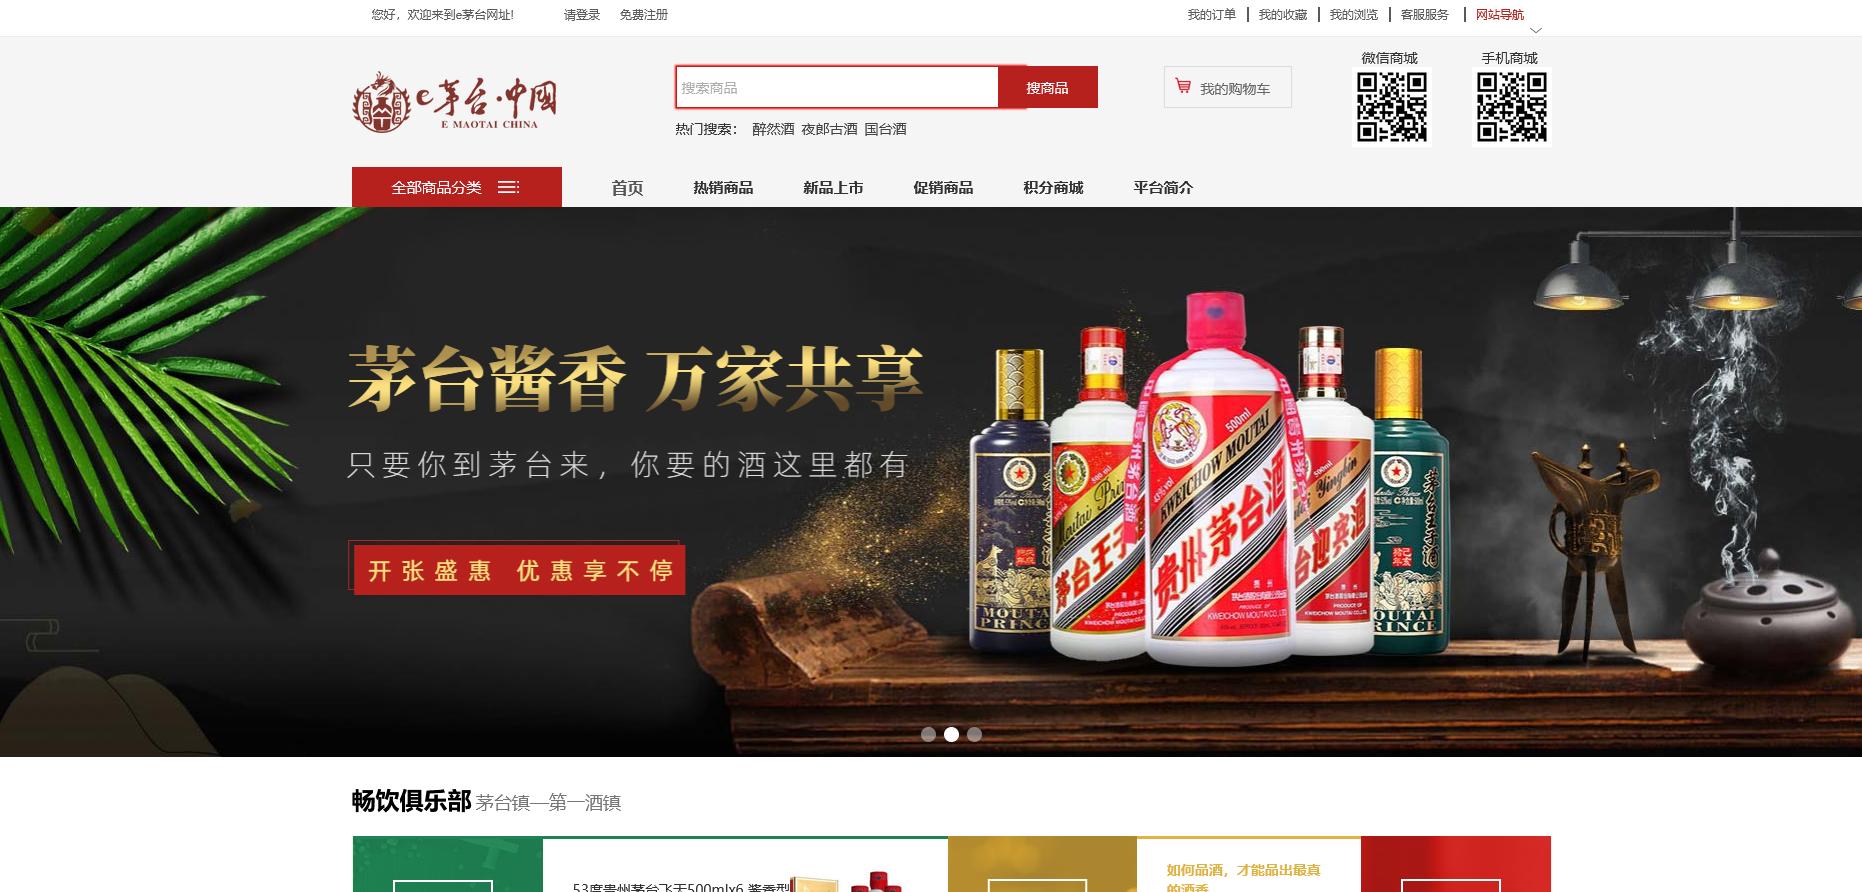 仁怀汉台酒业怎么样_更安心白酒-贵州省仁怀市千家百享酒业销售有限公司